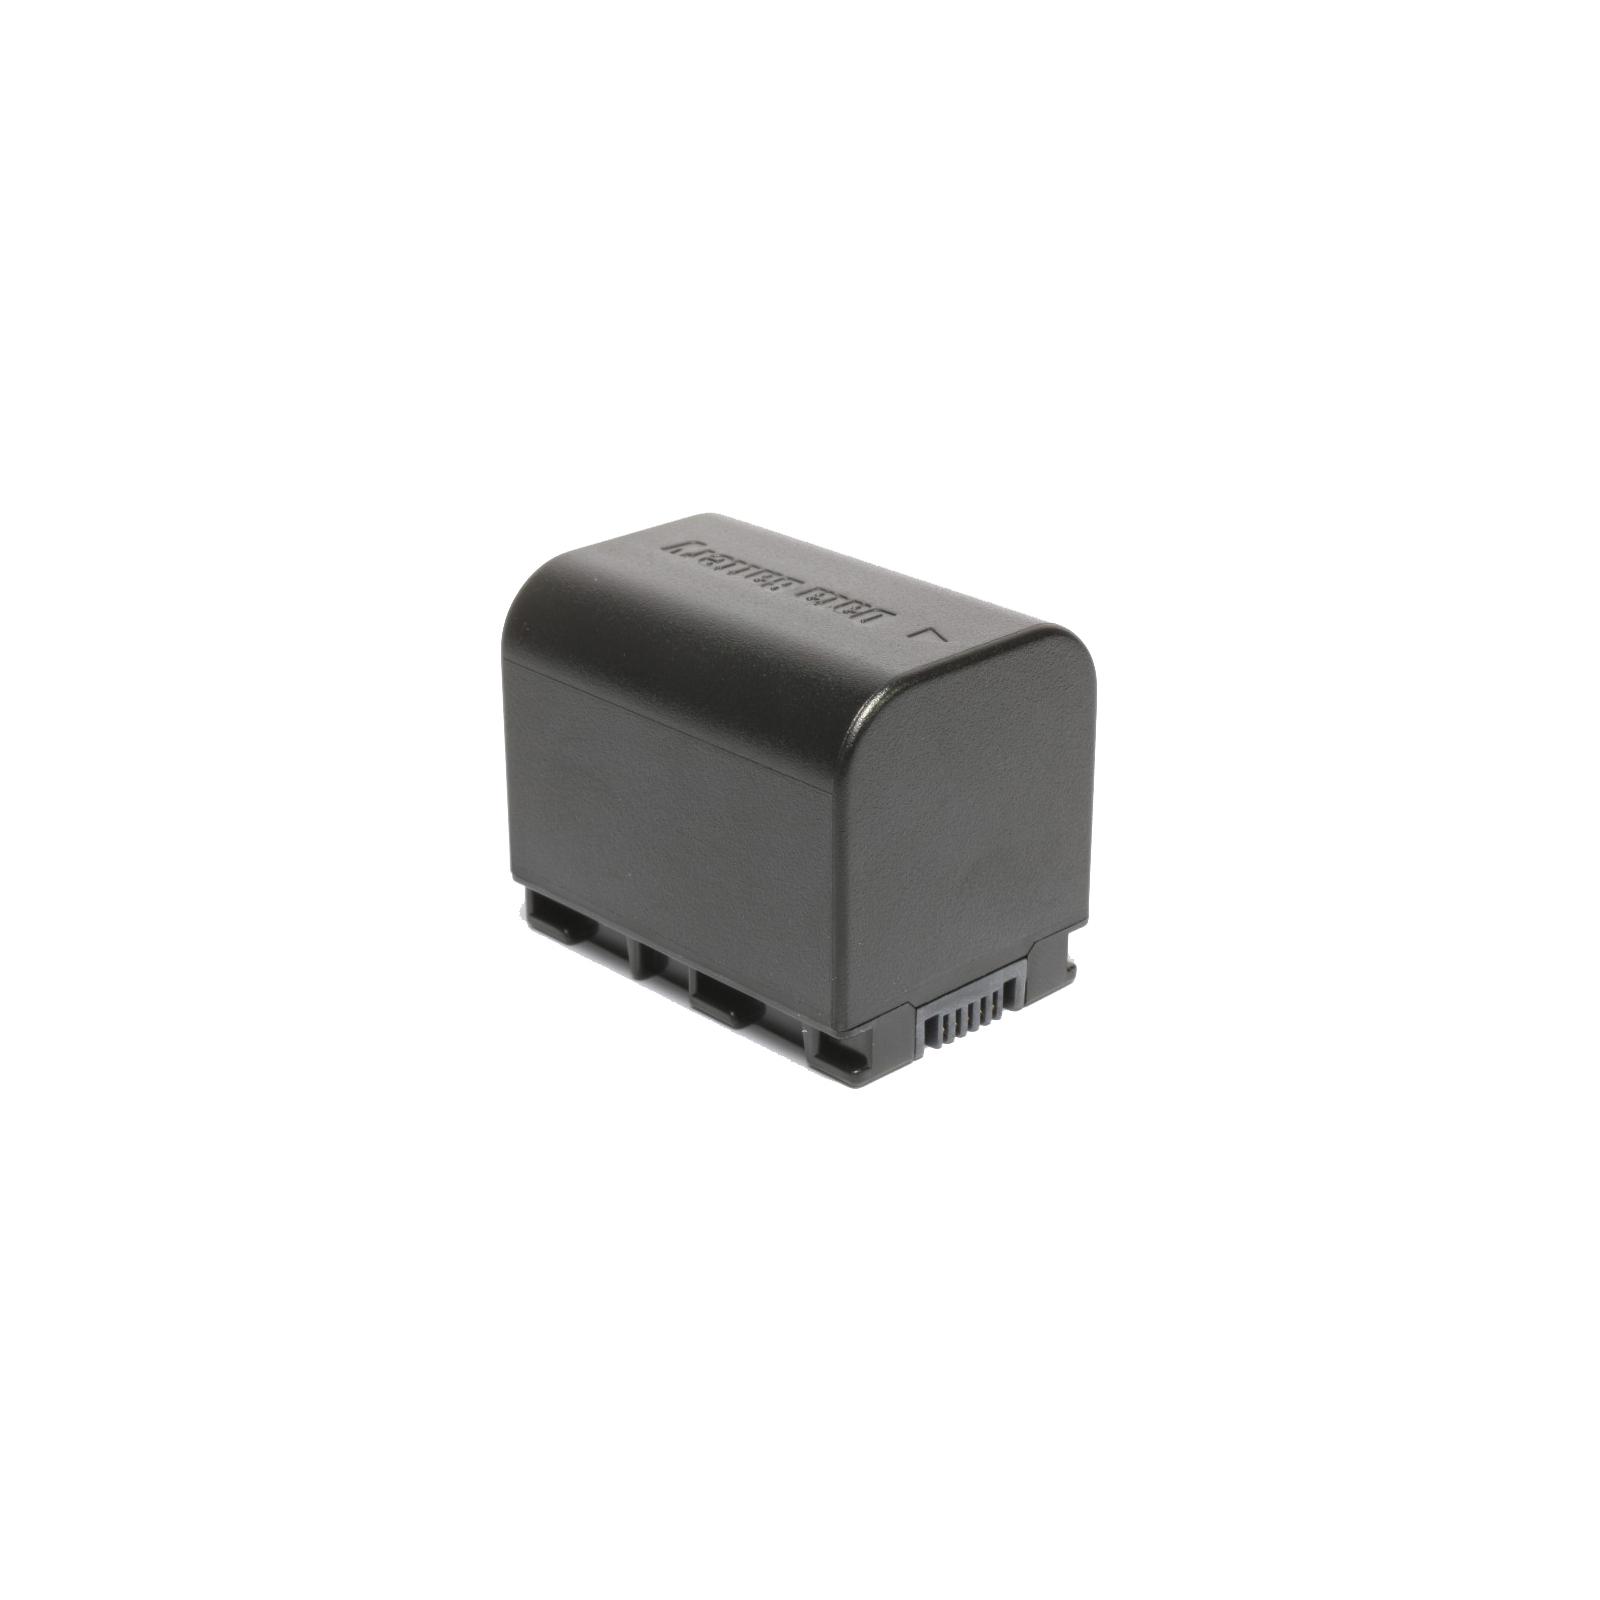 Аккумулятор к фото/видео EXTRADIGITAL JVC BN-VG121 (chip) (BDJ1311) изображение 3